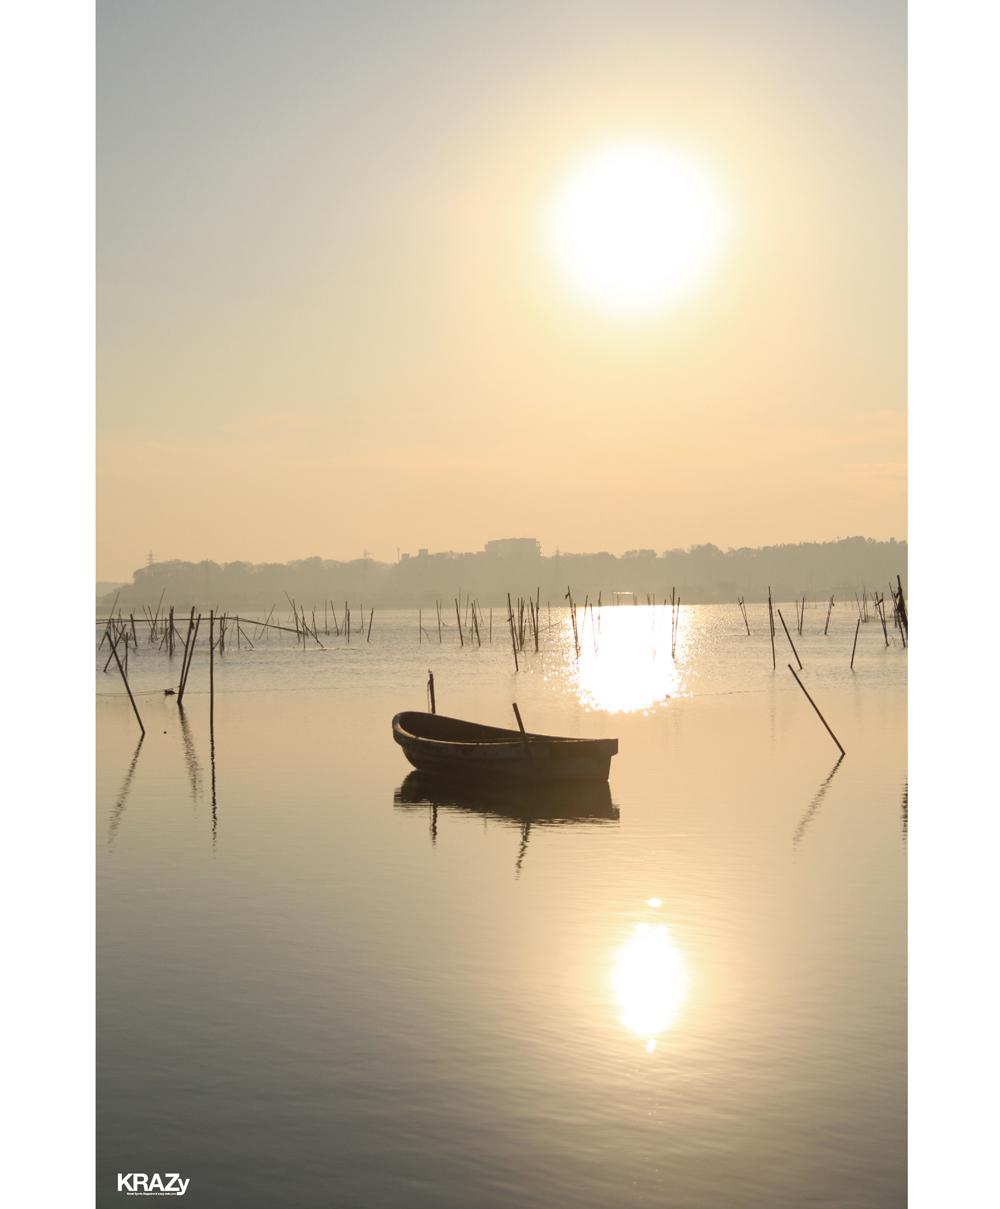 霞ヶ浦のボートと夕陽